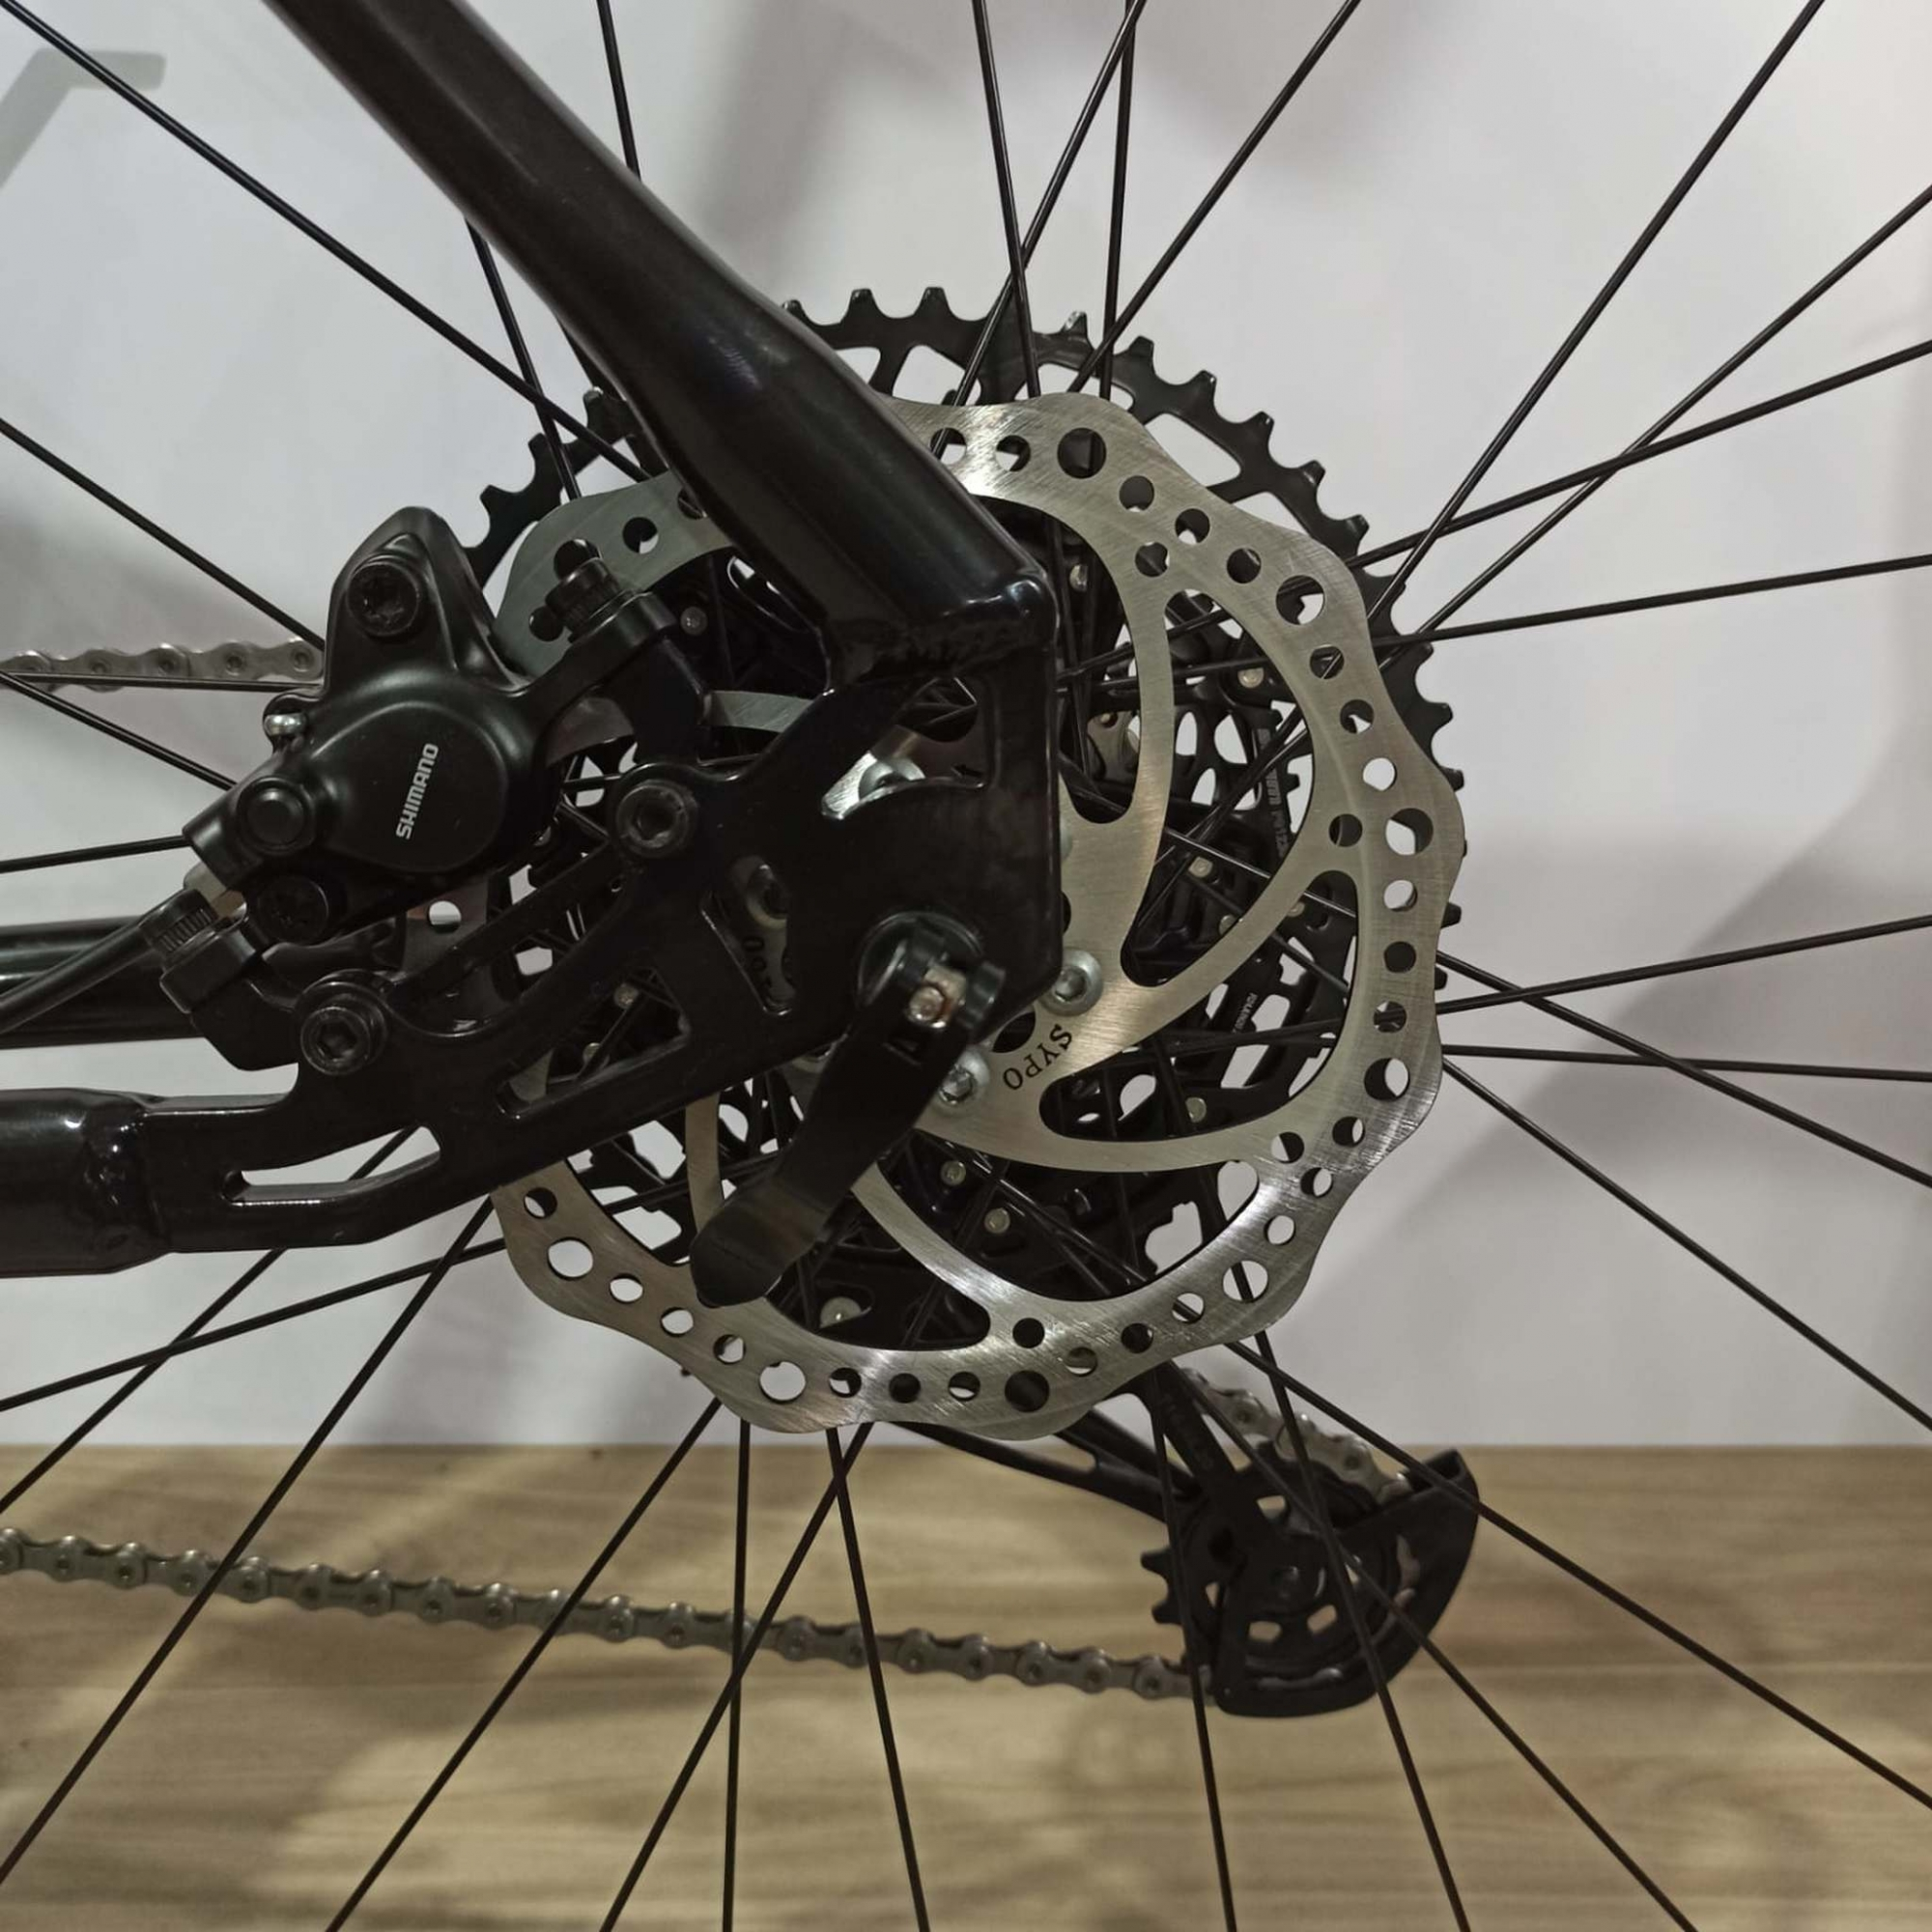 Bicicleta FIRST Smitt aro 29 - 12v Sram NX - Freio Shimano Hidráulico - Suspensão GTA 577 Black AIR